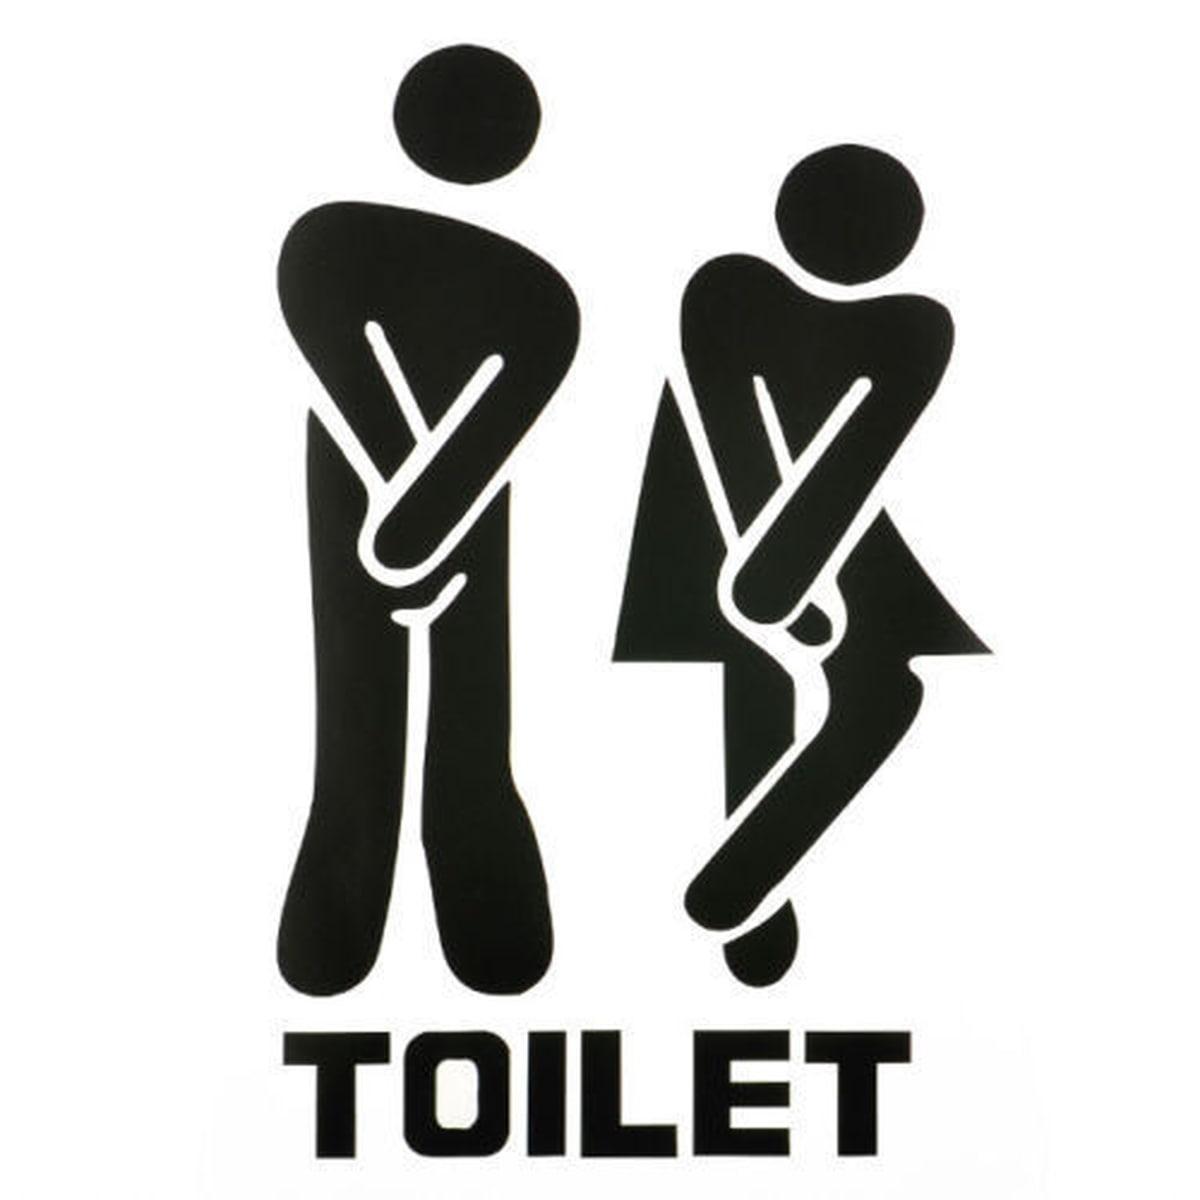 Toilet- Wallsticker